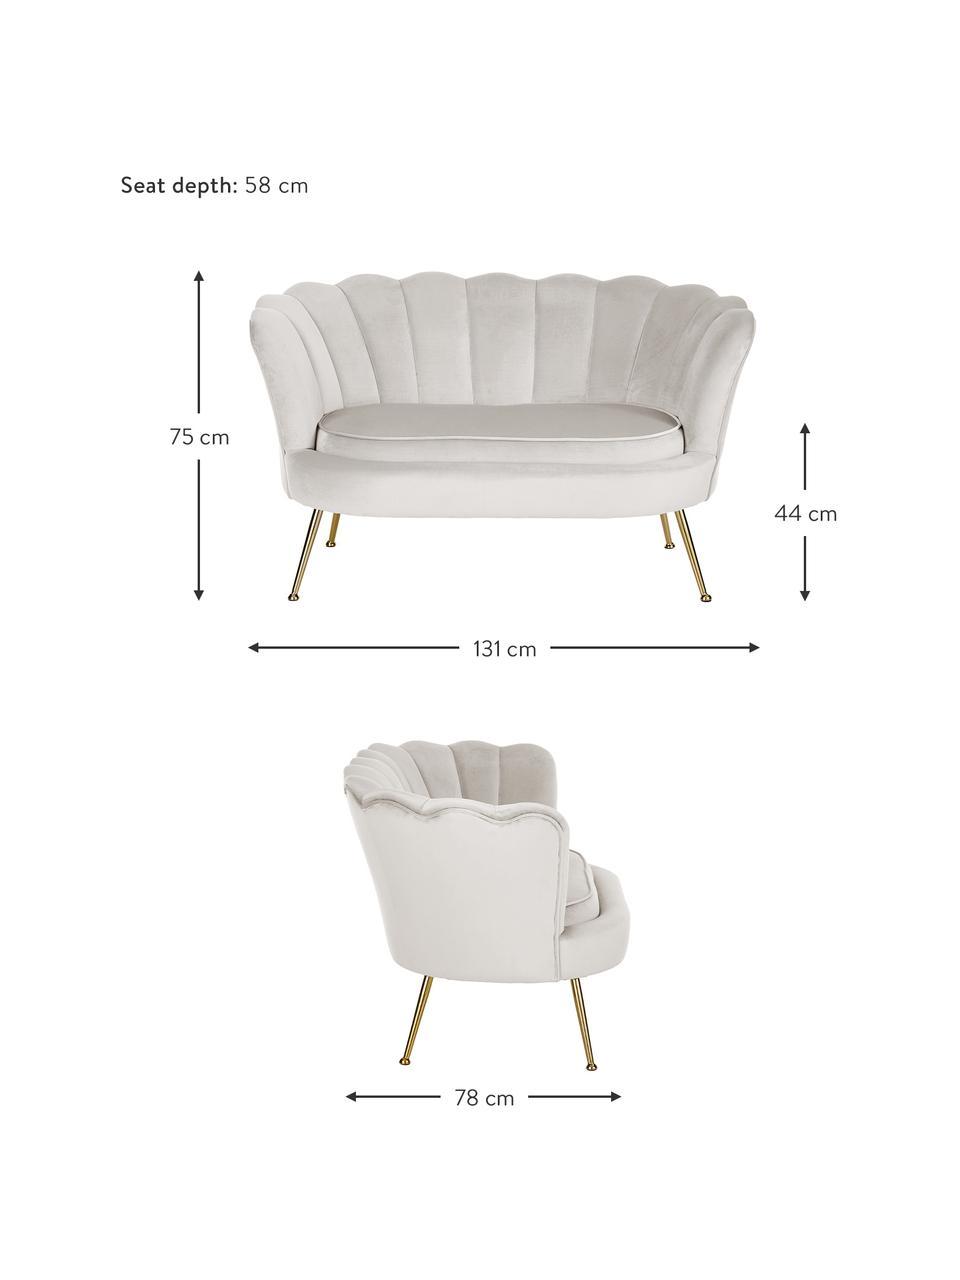 Samt-Sofa Oyster (2-Sitzer) in Beige mit Metall-Füßen, Bezug: Samt (Polyester) 30.000 S, Gestell: Massives Pappelholz, Sper, Füße: Metall, galvanisiert, Samt Cremeweiß, 131 x 75 cm